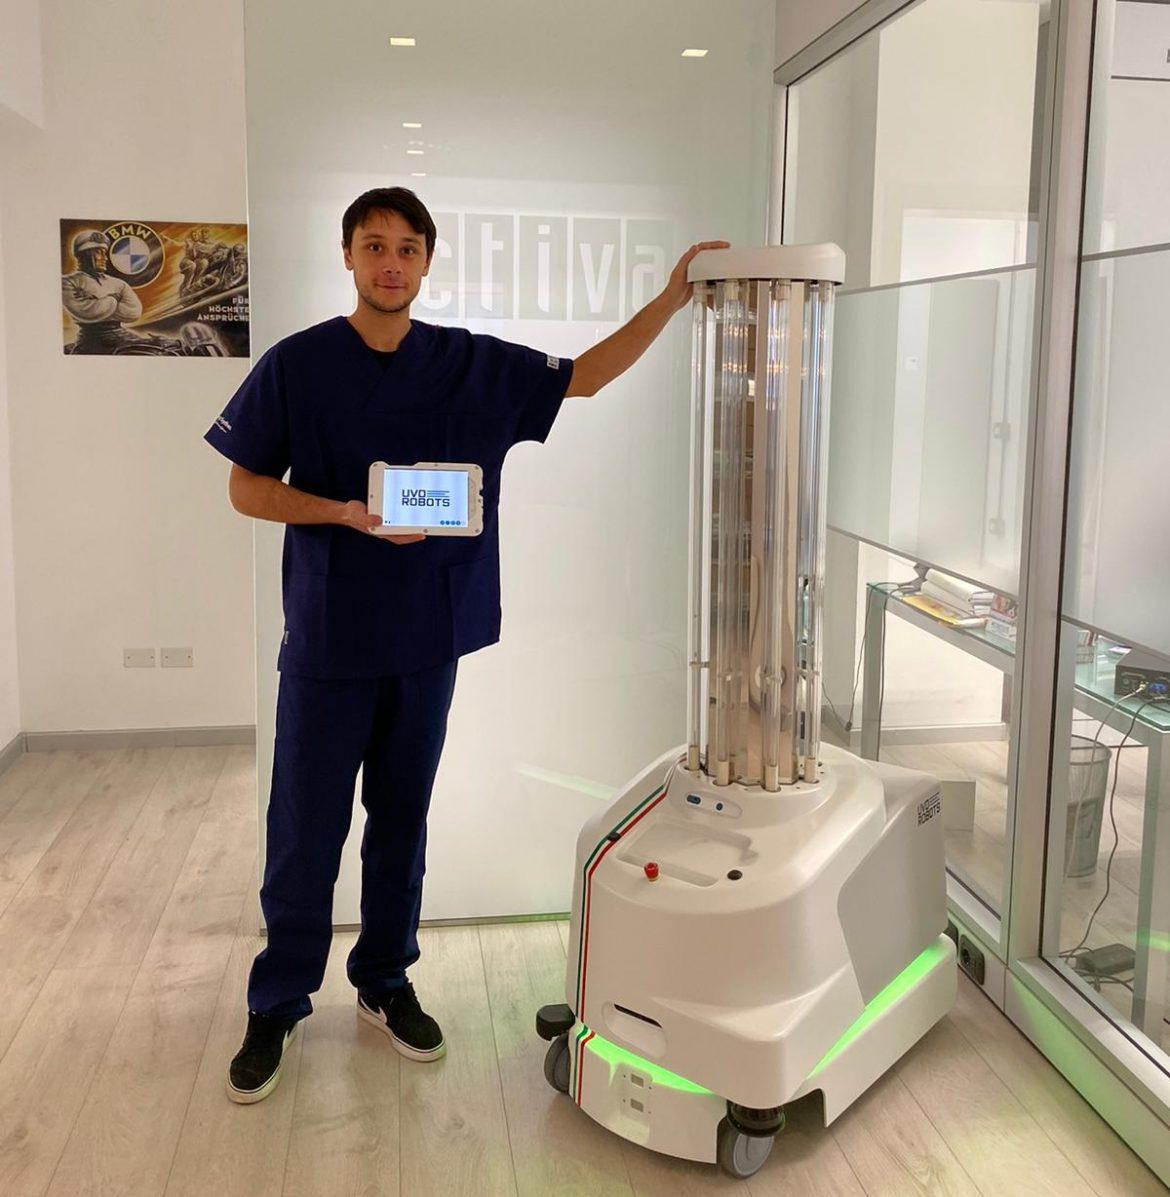 Foto UVD ROBOT - TECNICO marche infezioni ospedale